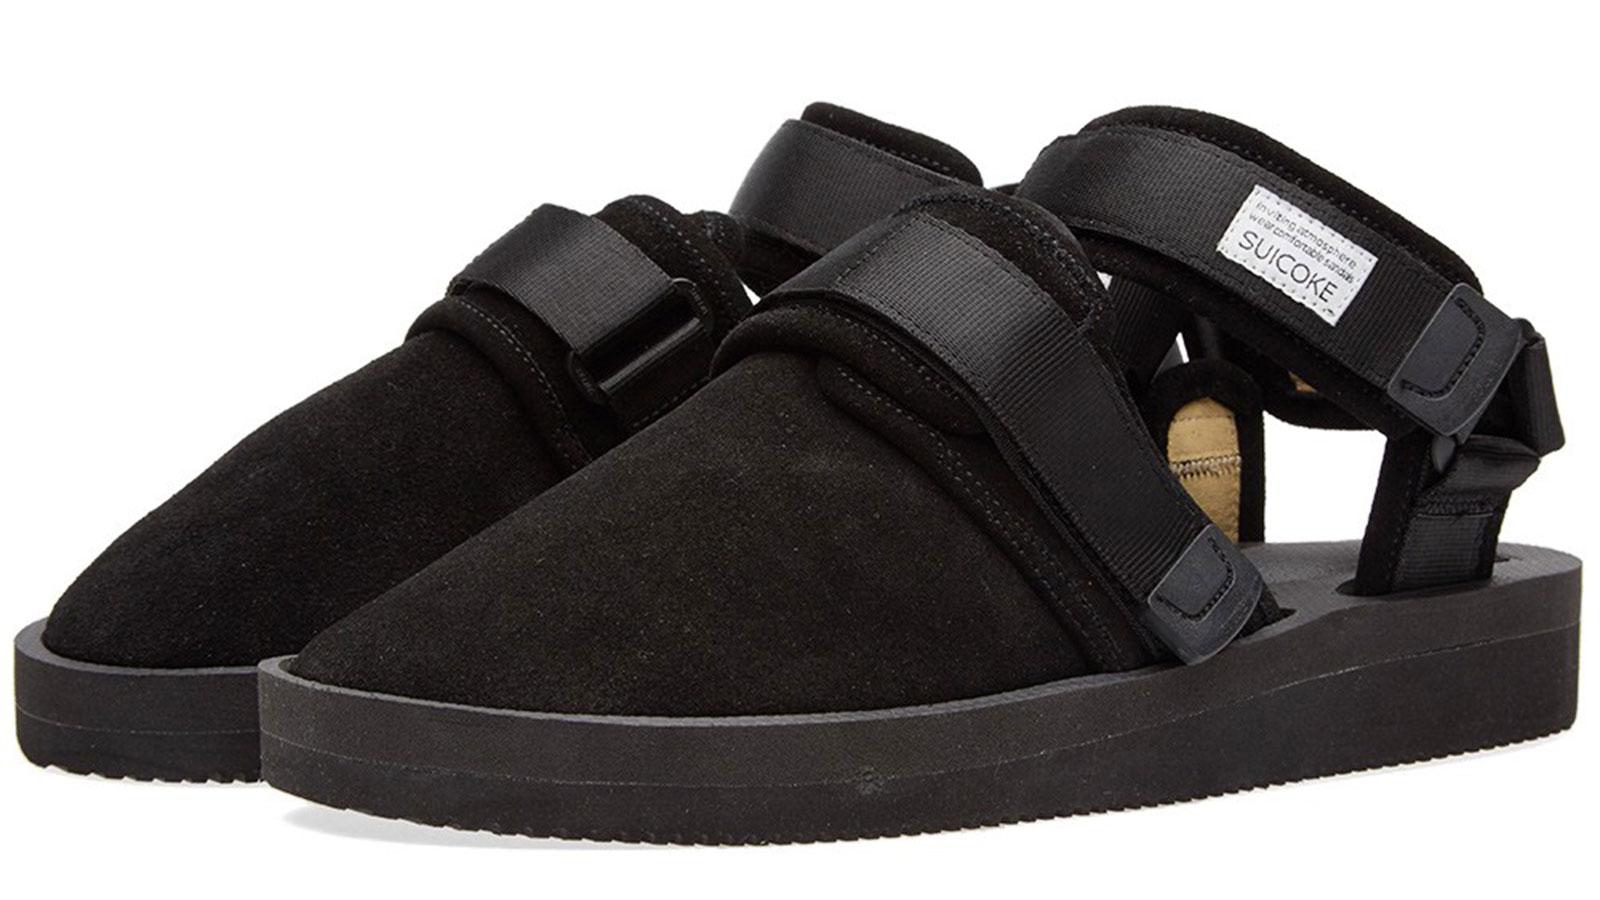 SUICOKE NOTS-VS best sandals for men